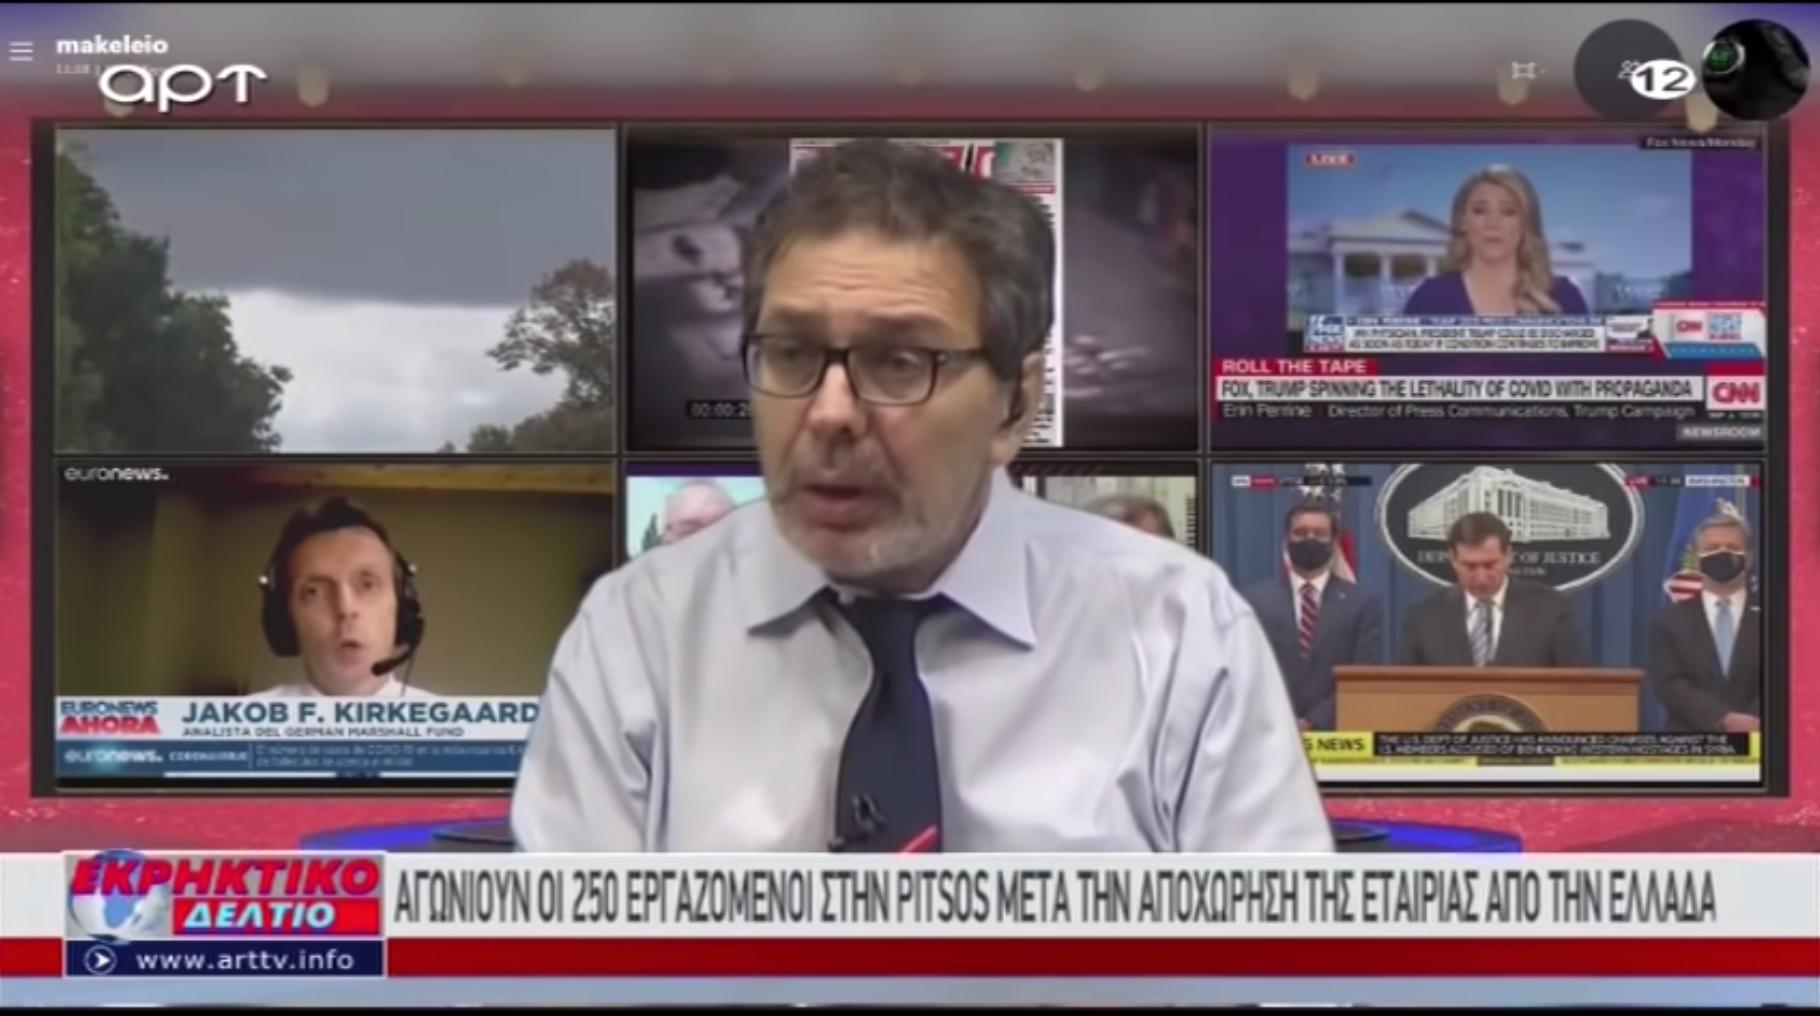 Pert nyert a görög zsidó vezető az őt tolvajnak tituláló kiadó ellen